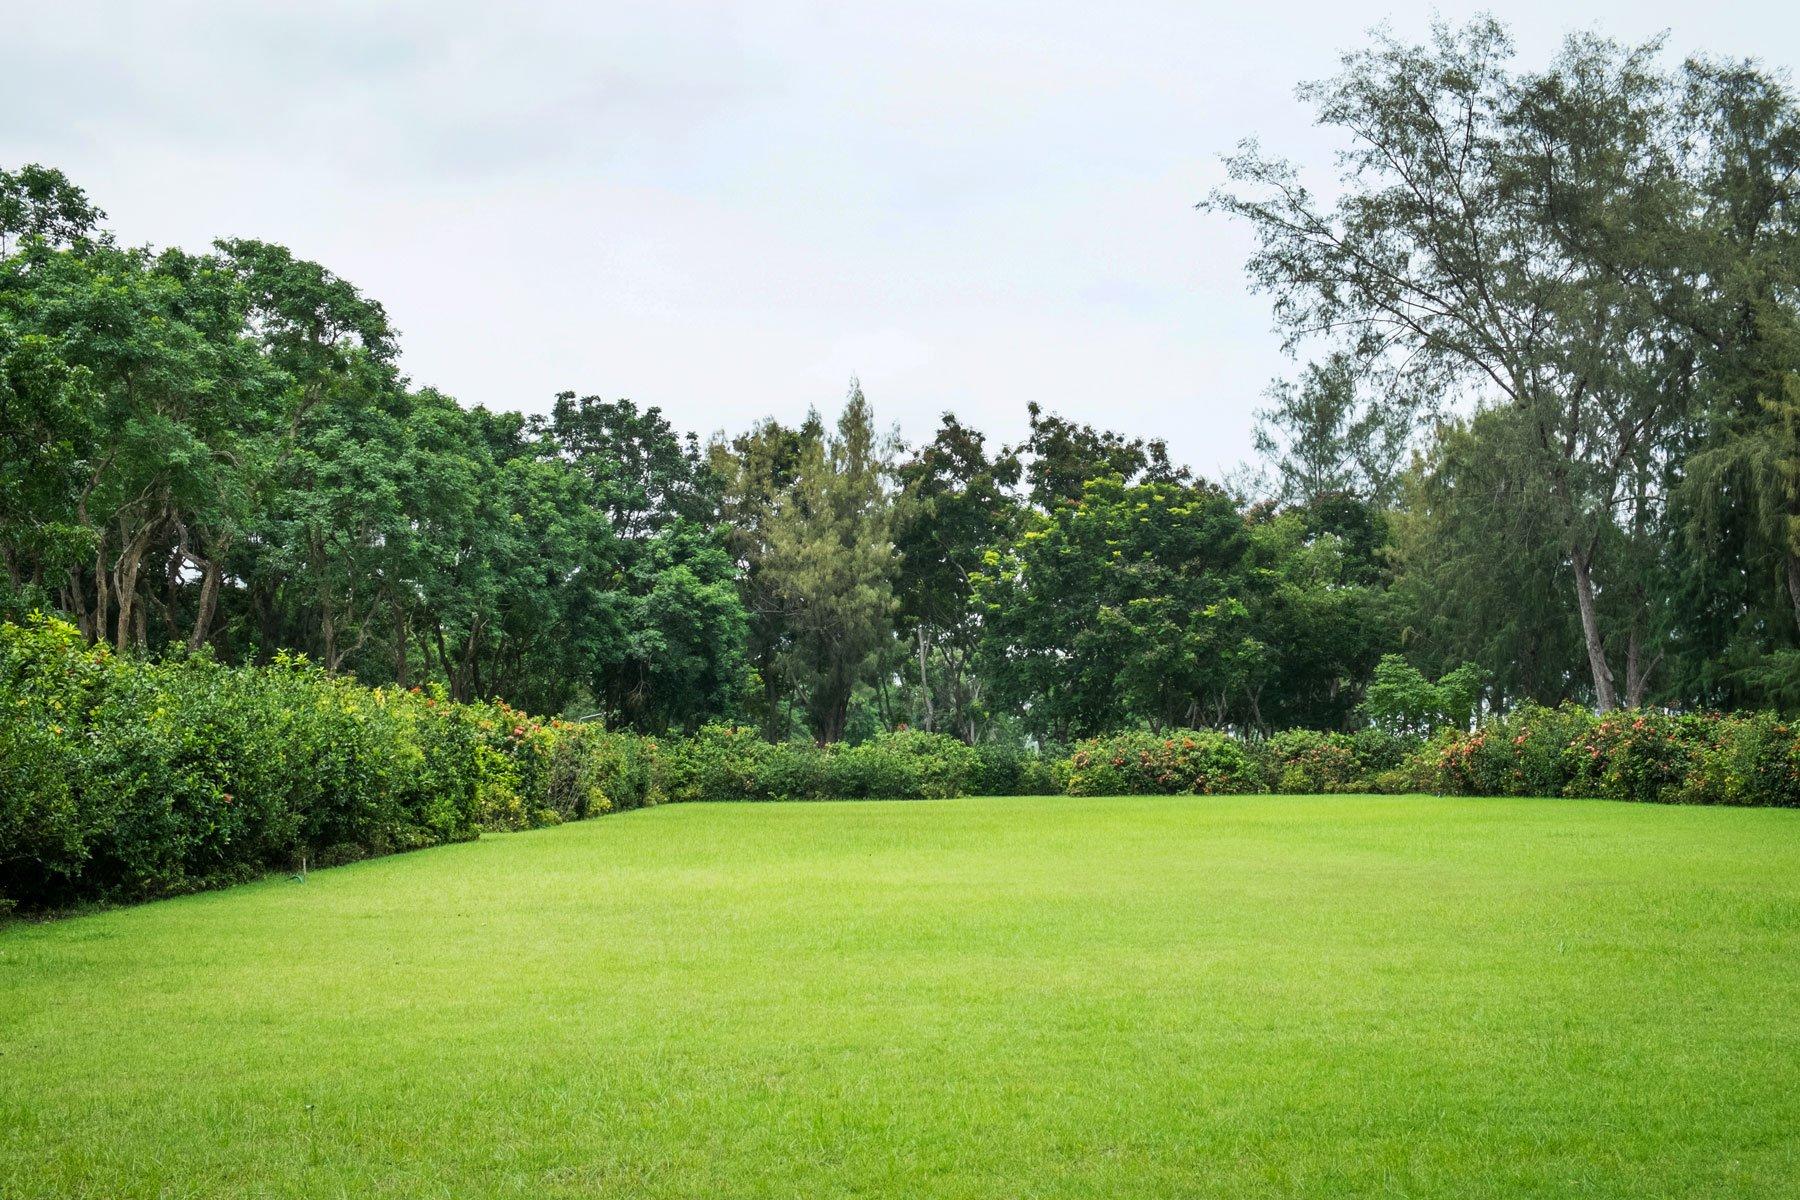 vista di un prato circondato da alberi